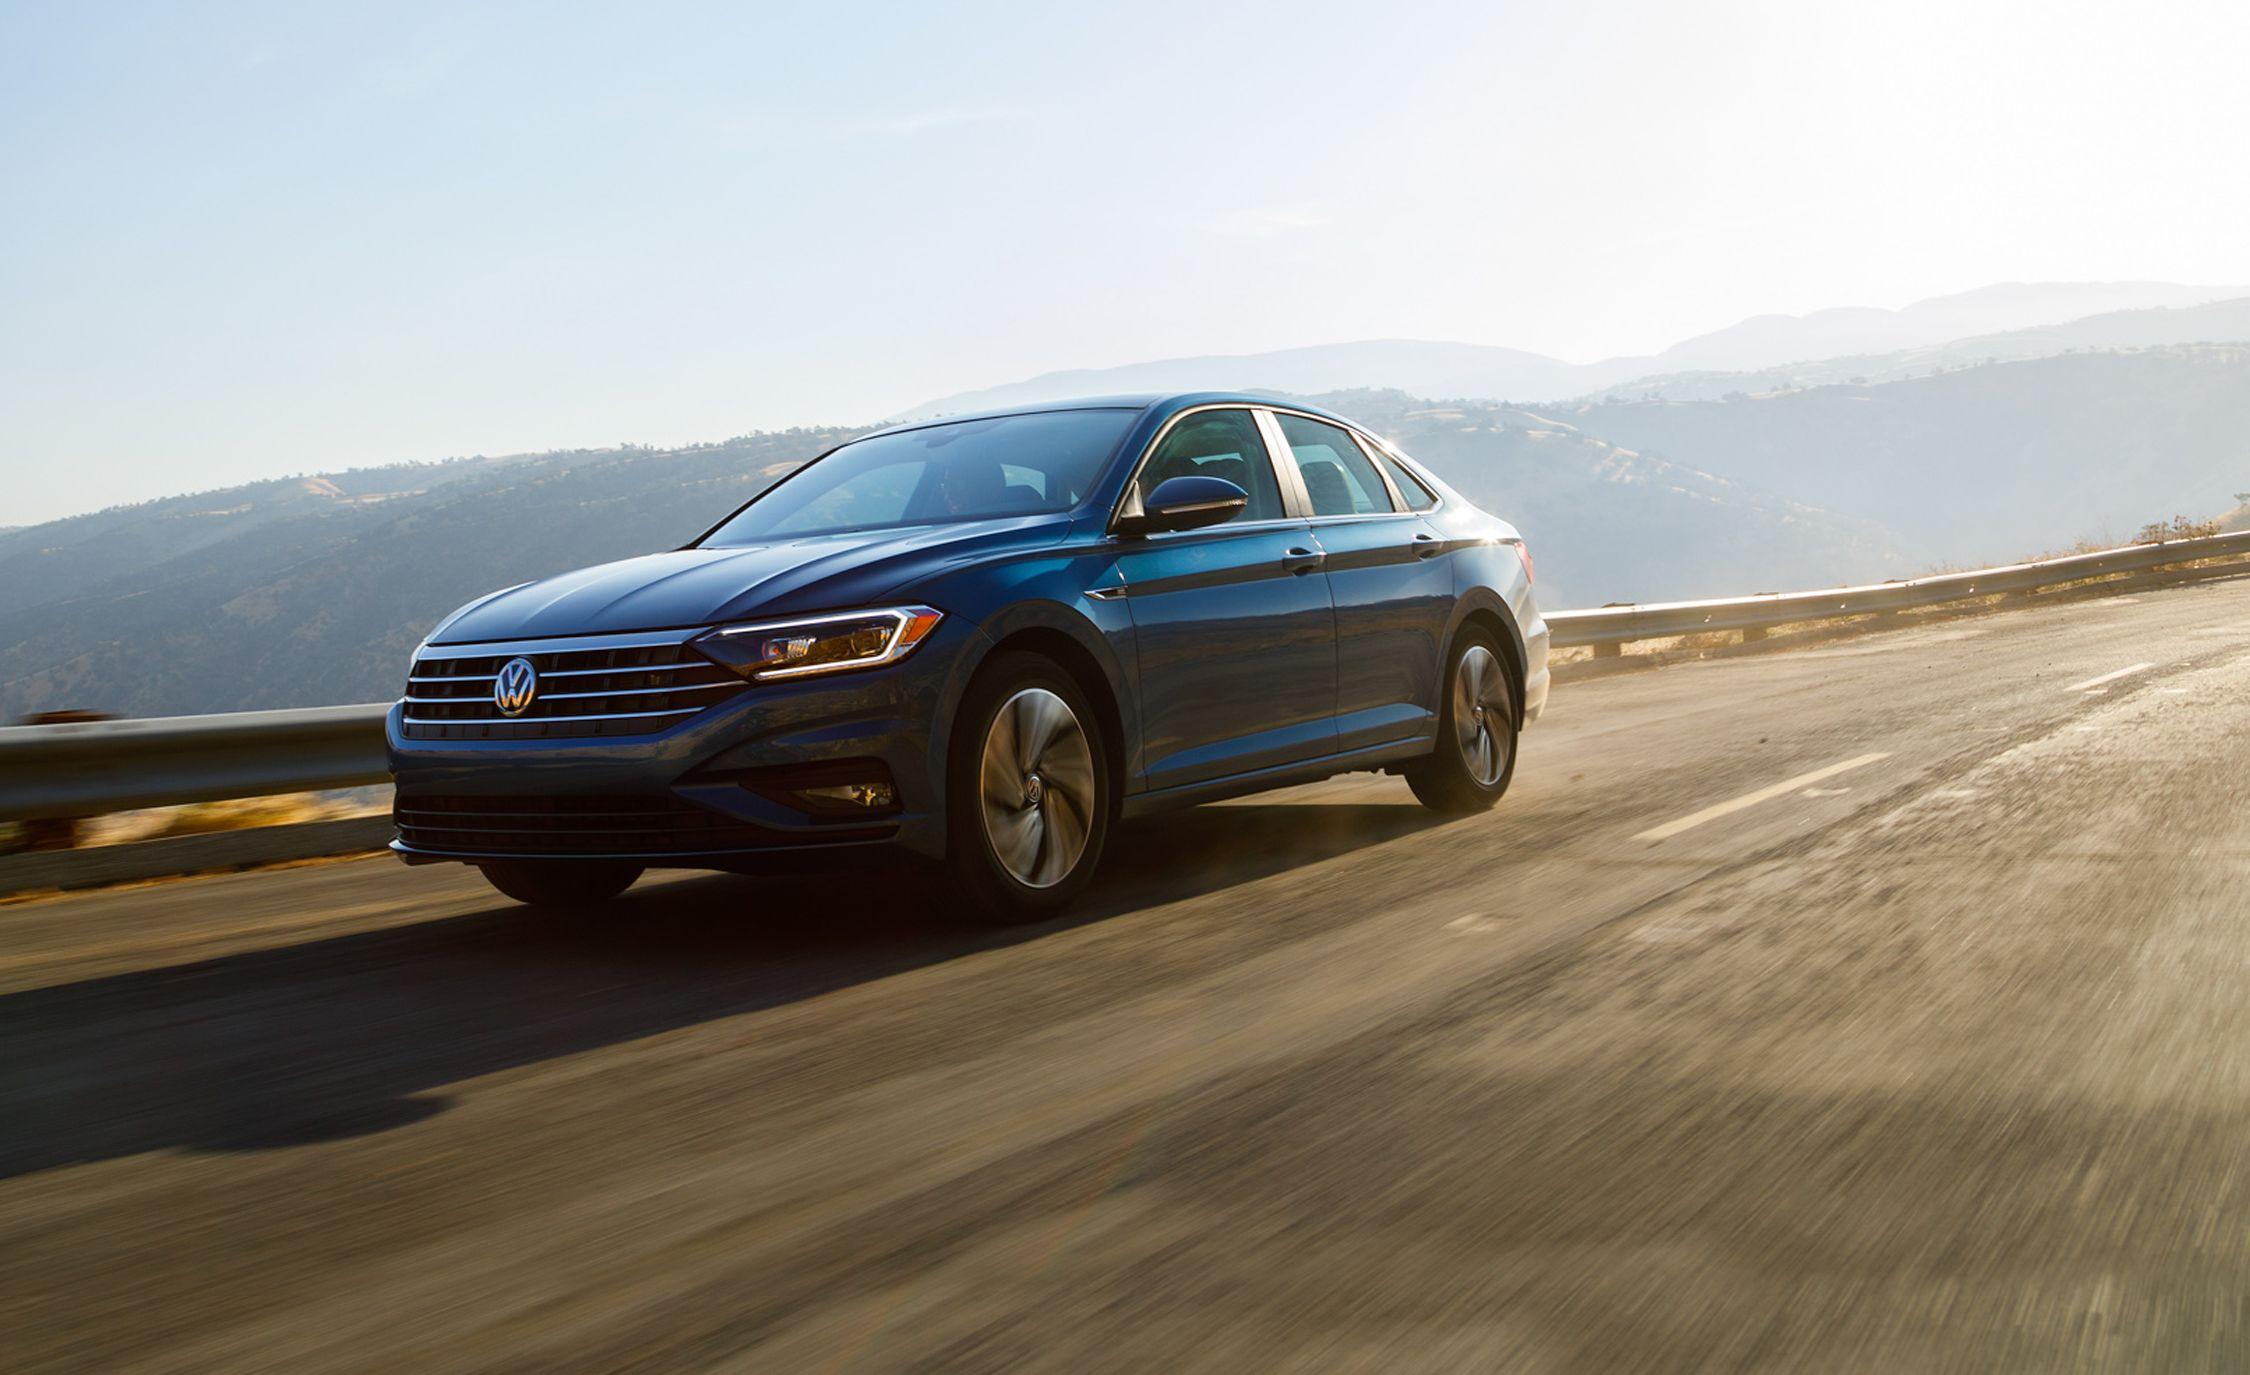 2019 Volkswagen Jetta: New Almost Everything